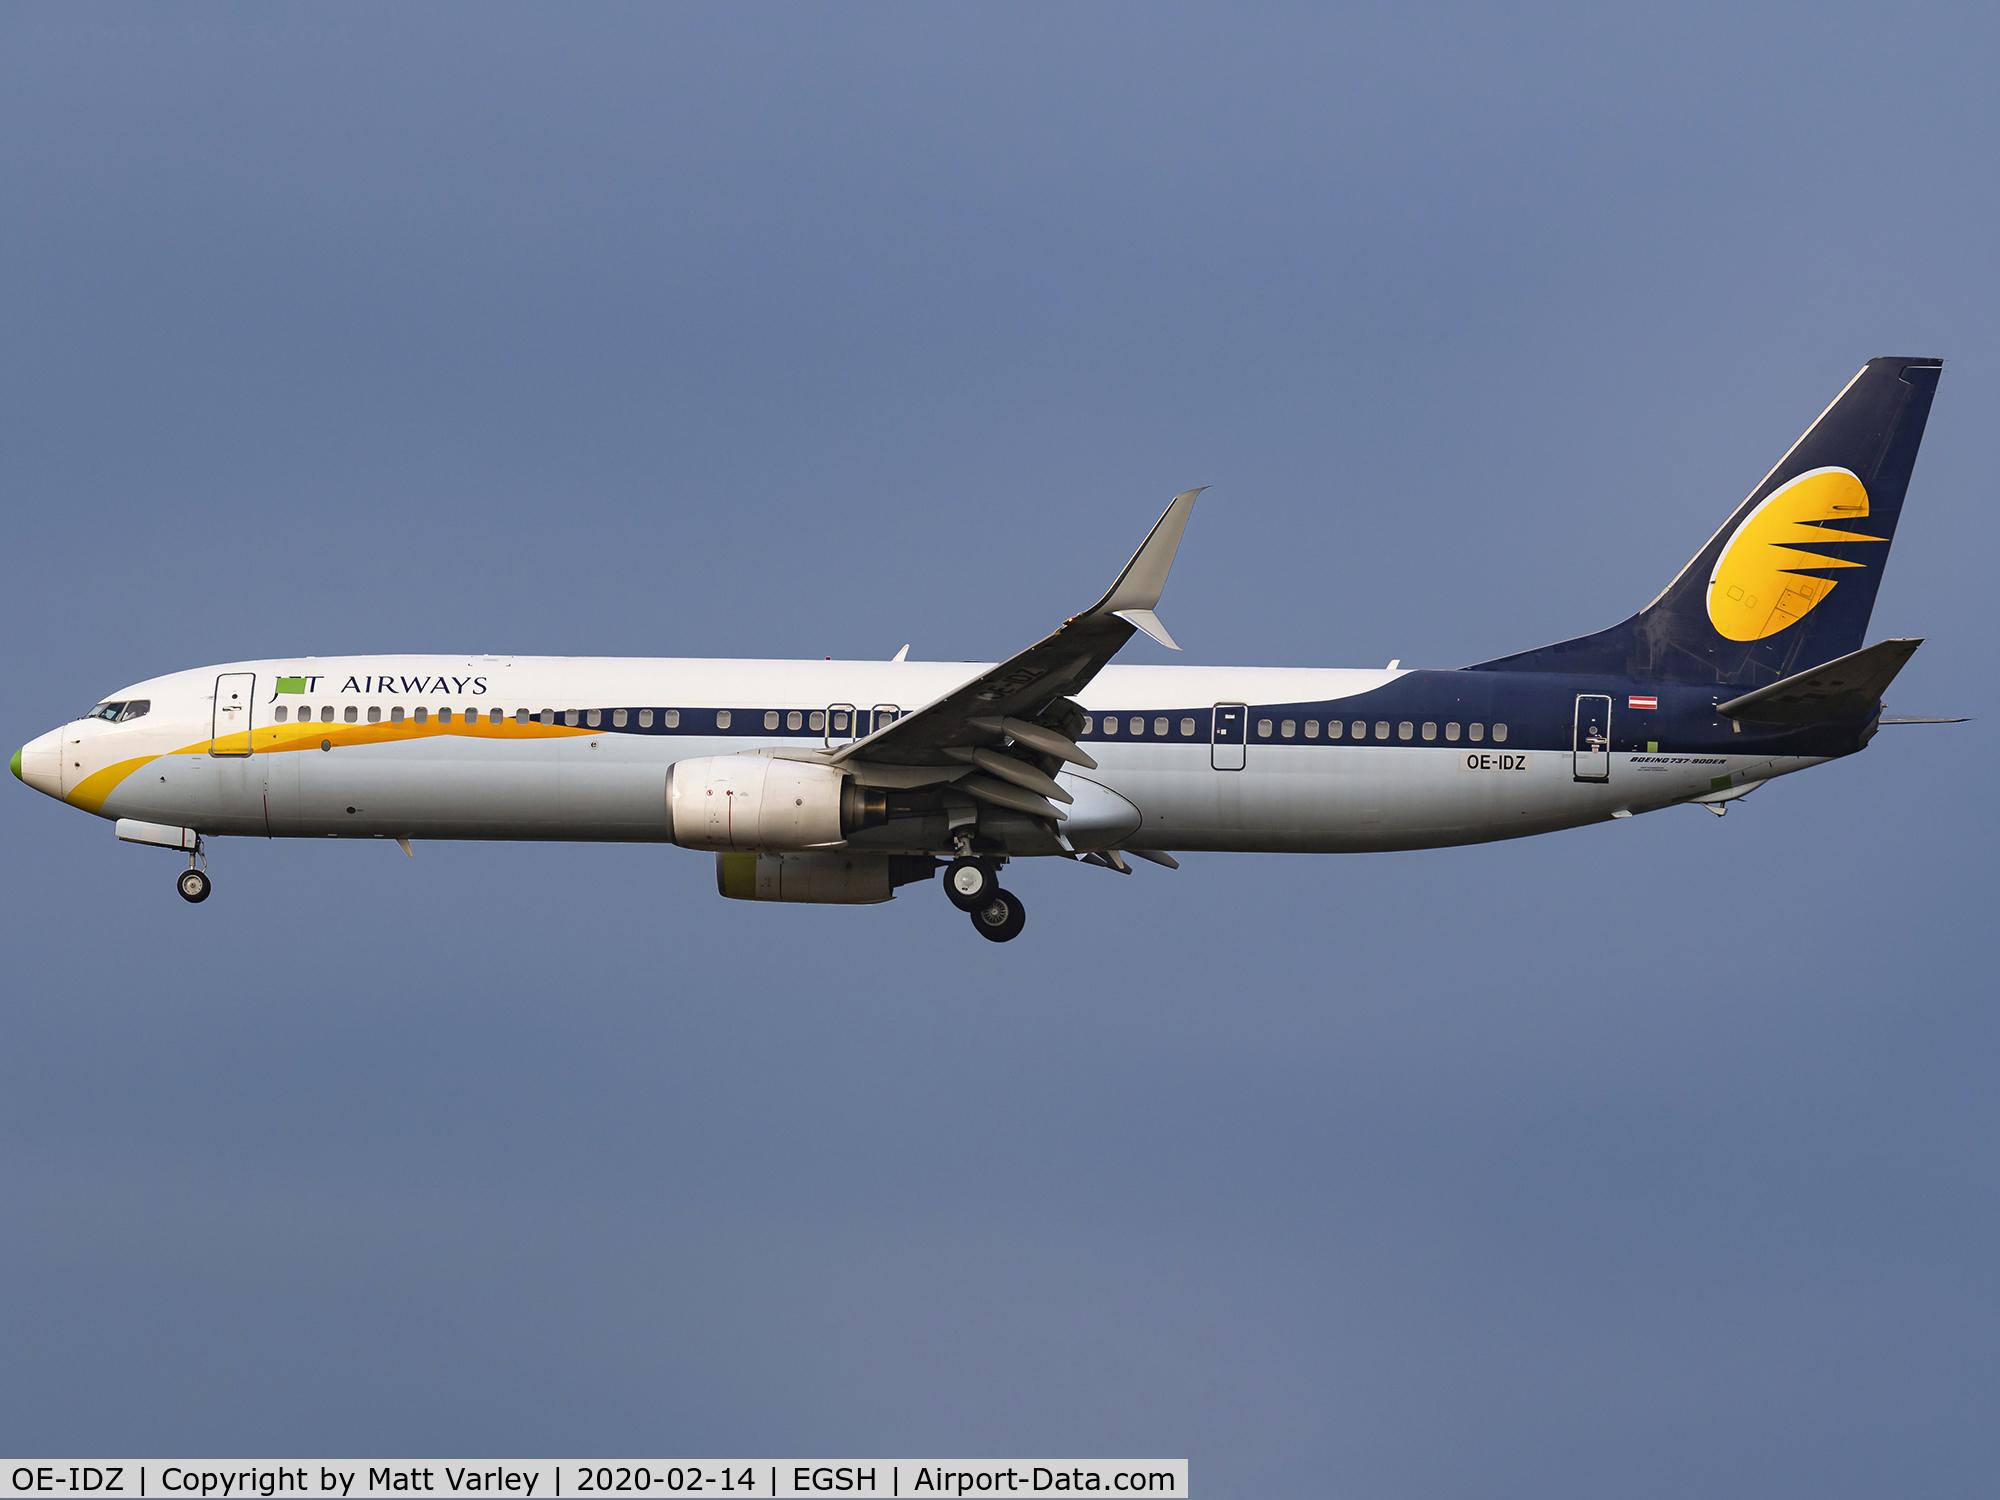 OE-IDZ, 2008 Boeing 737-96NER C/N 35227, Jet Airways